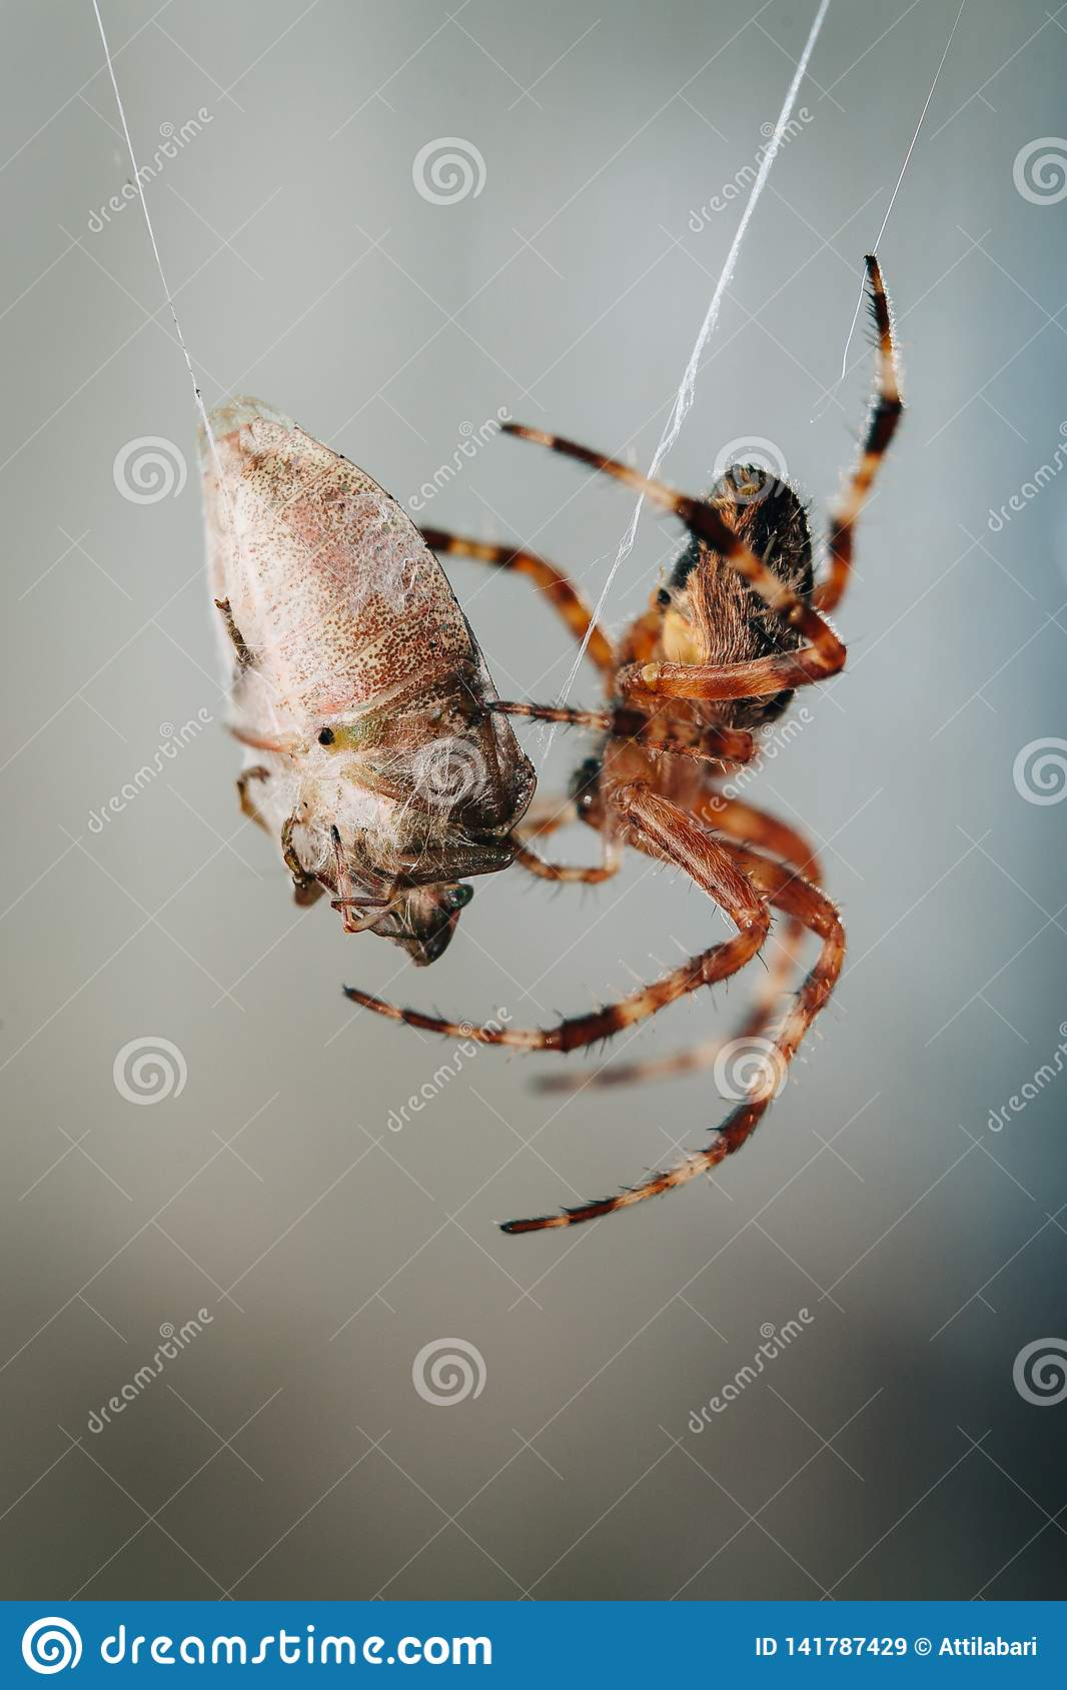 A aranha está comendo o erro prendido